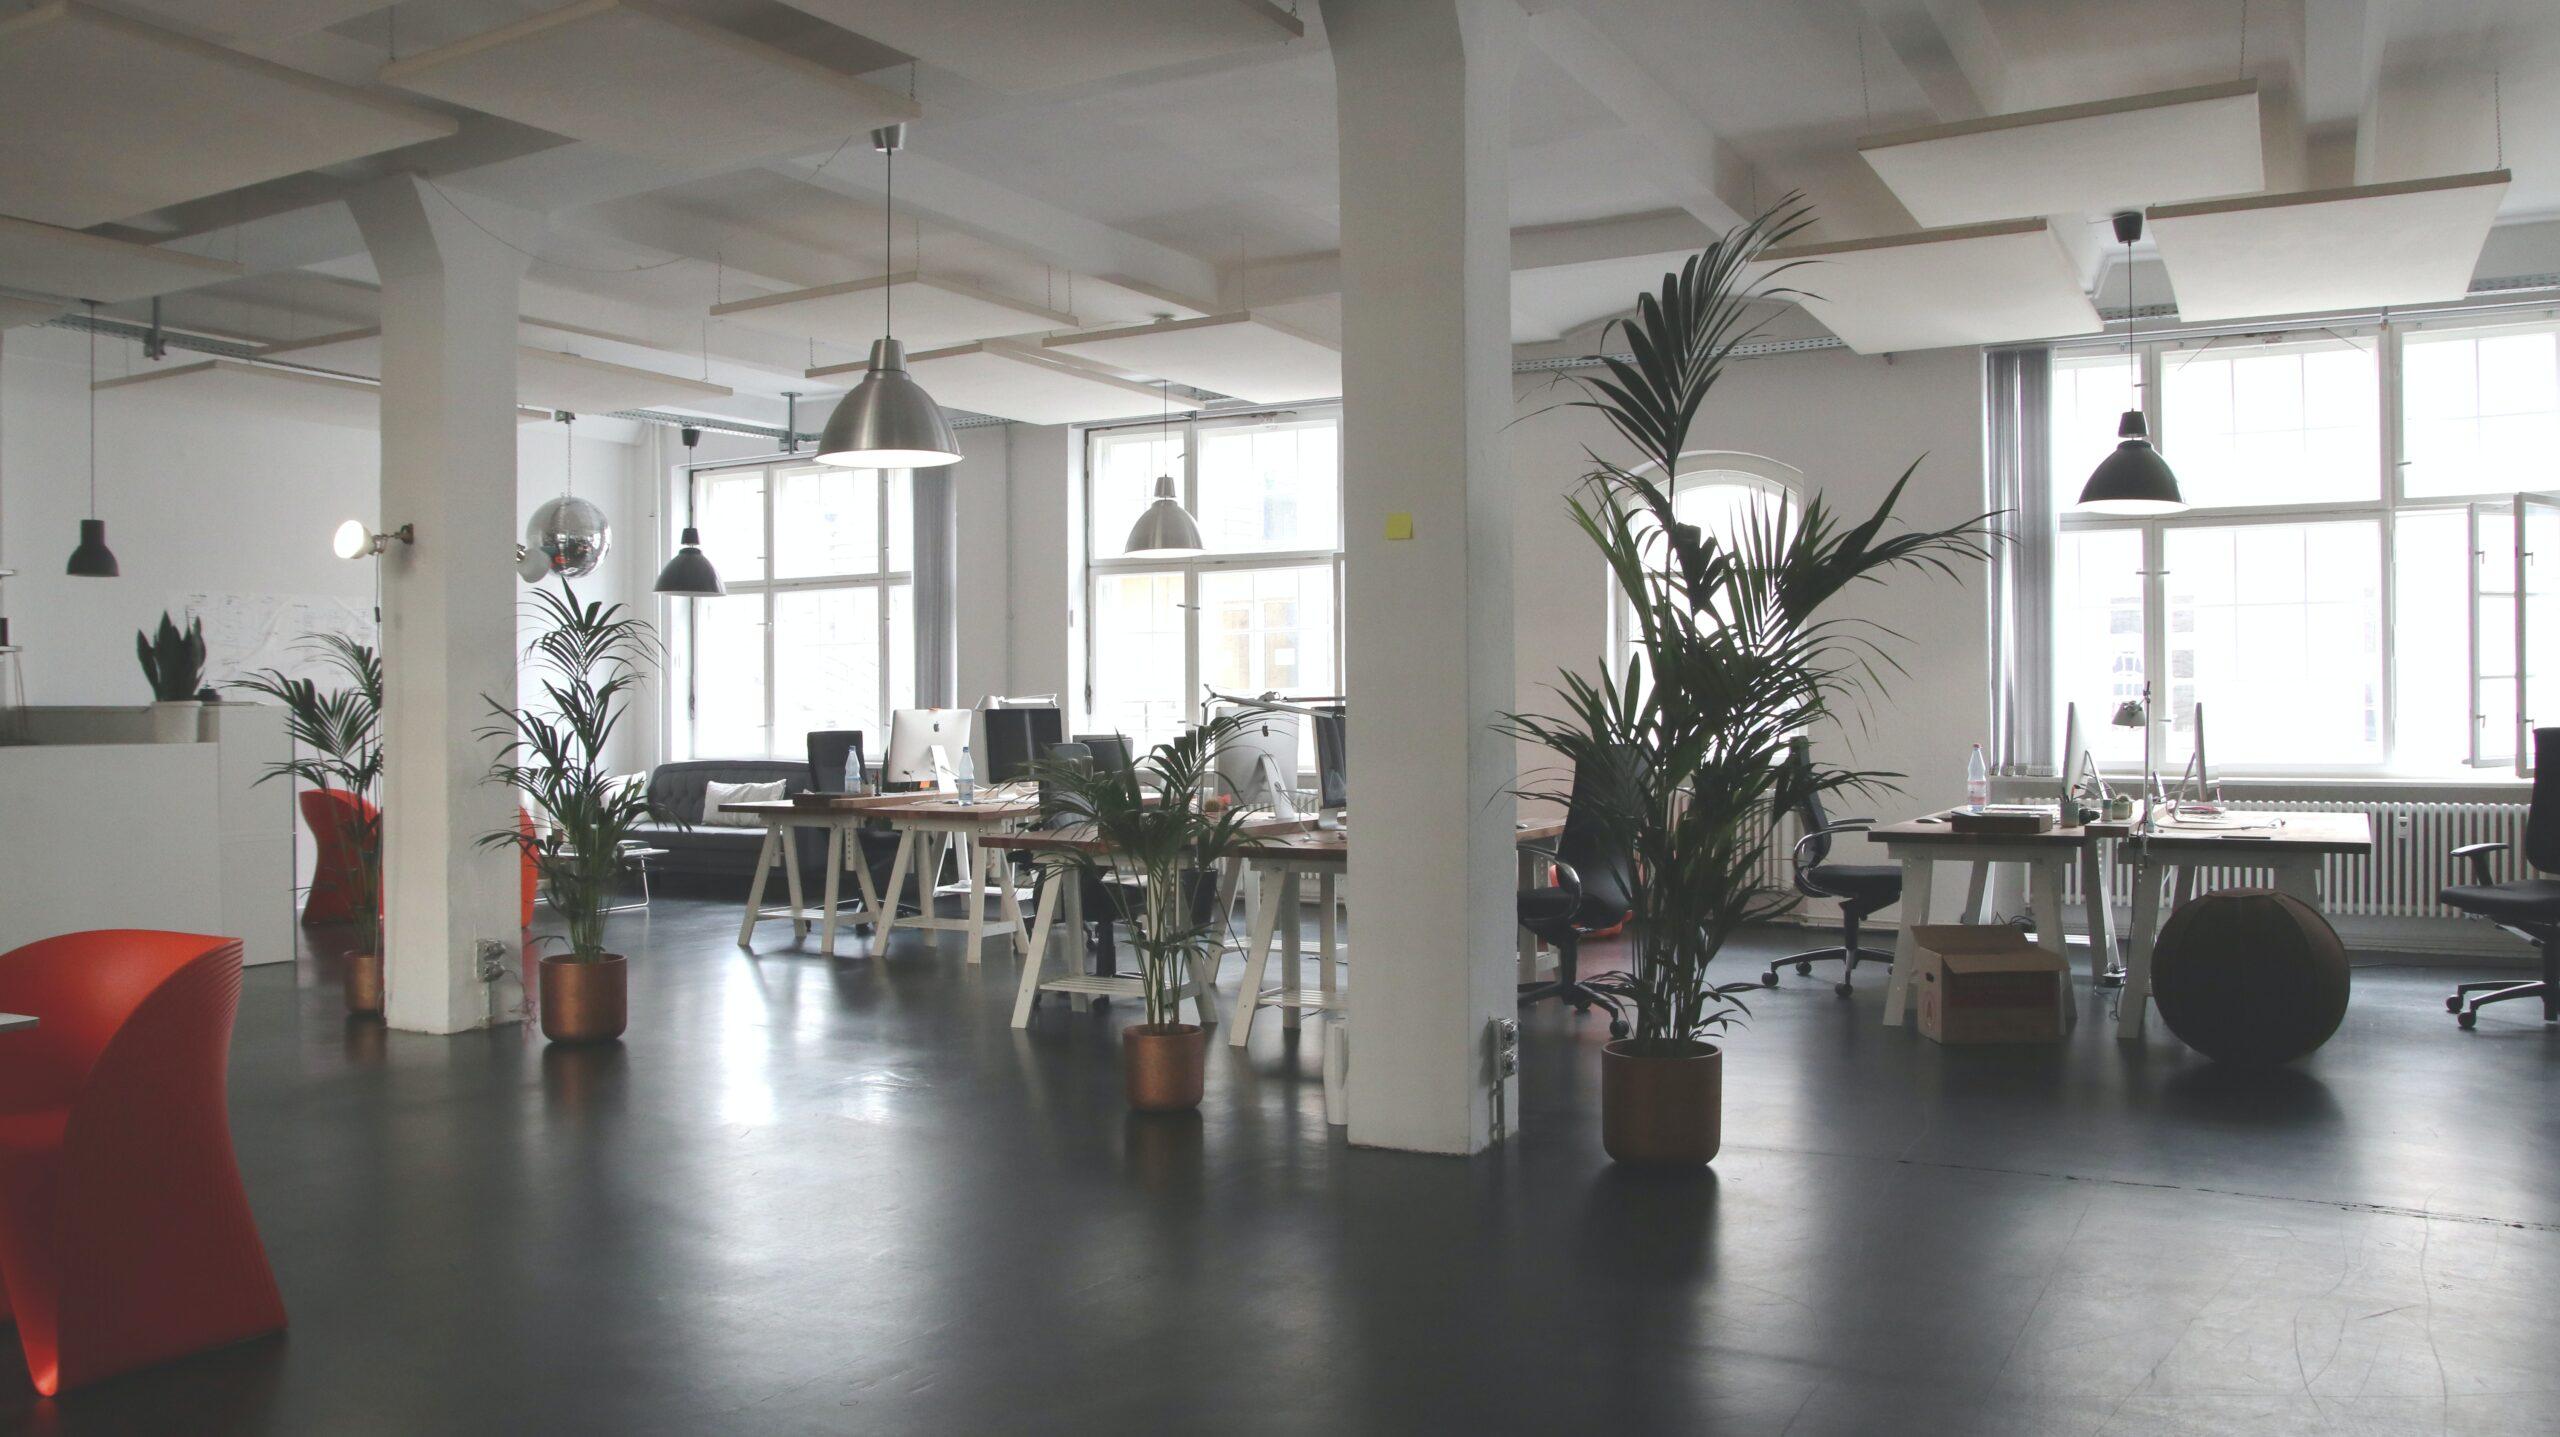 オフィスが日当たりが良いと仕事にも良い影響が?